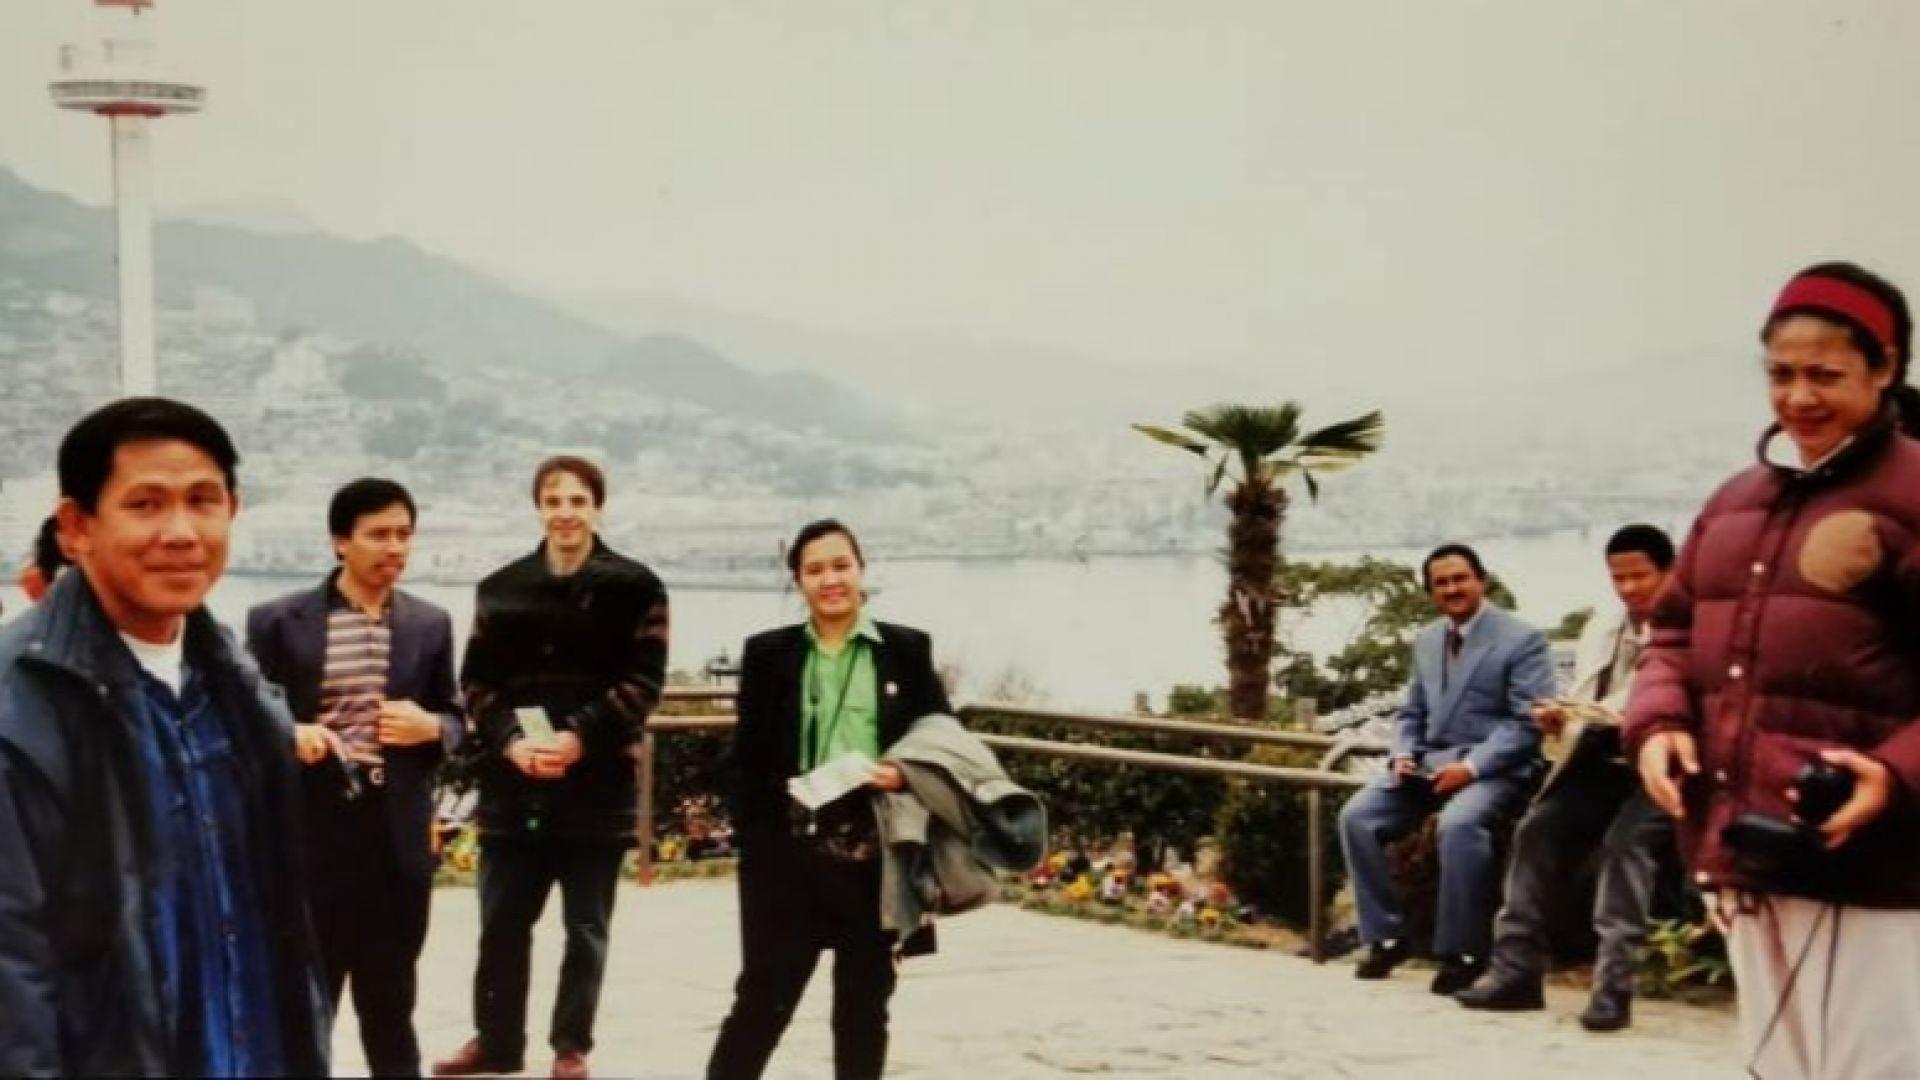 В Нагасаки по време на специализяцият през 1995 година